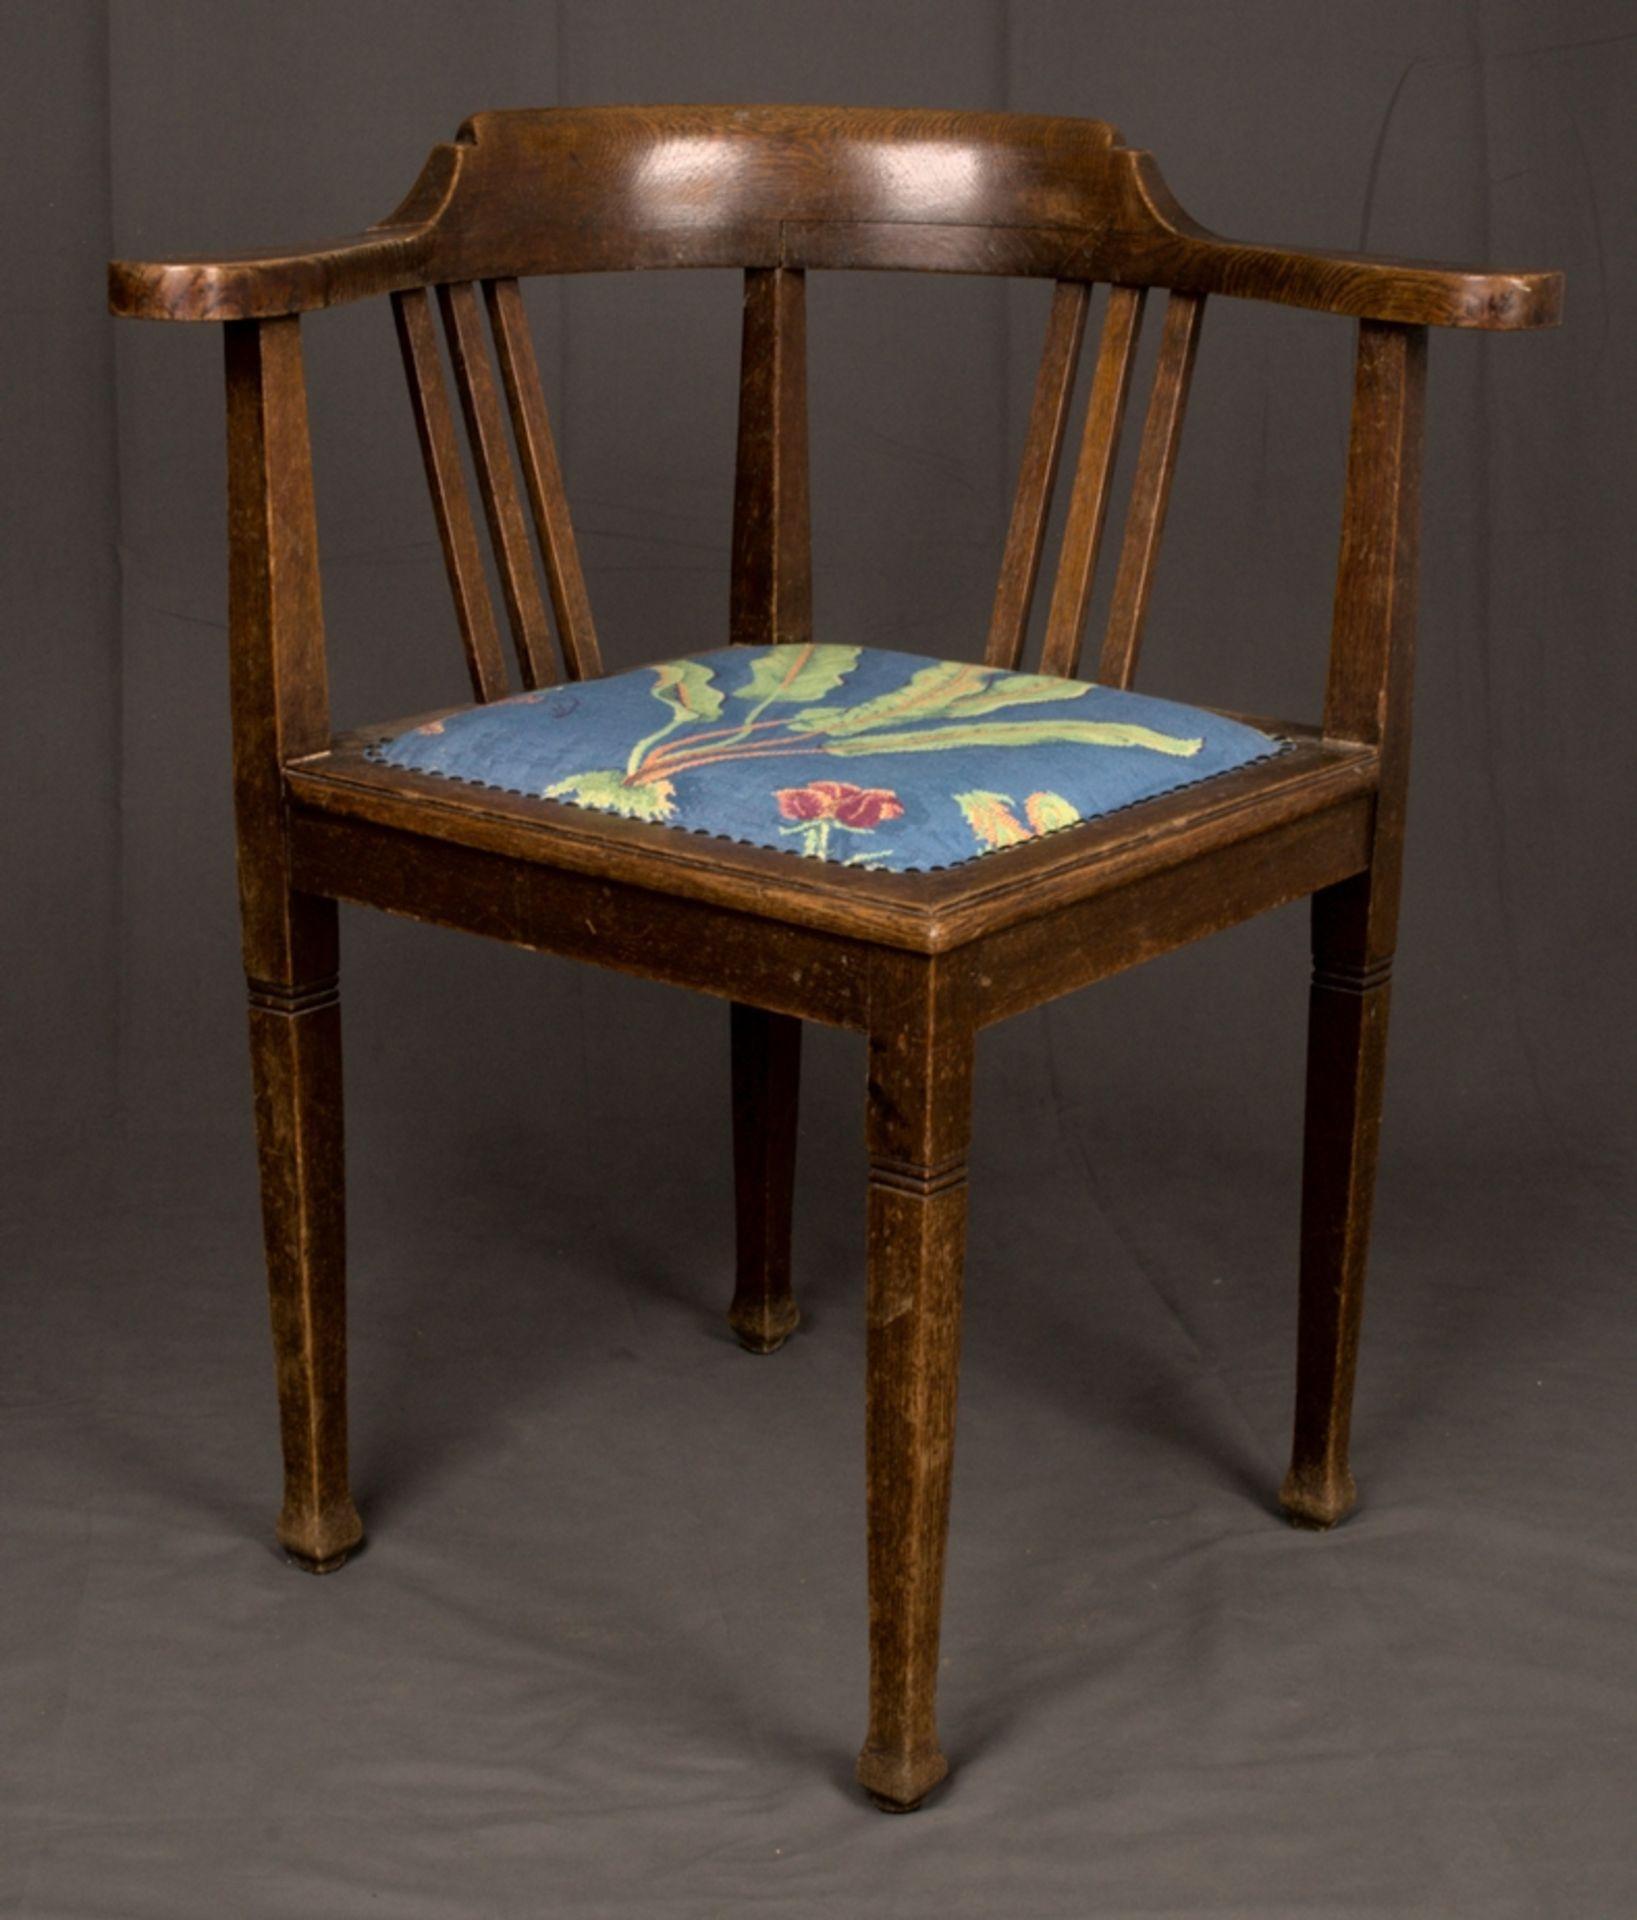 Schreibtischstuhl, Jugendstil deutsch um 1900/20. Eiche massiv, Gestell zu verleimen/unrestaurierter - Bild 3 aus 8